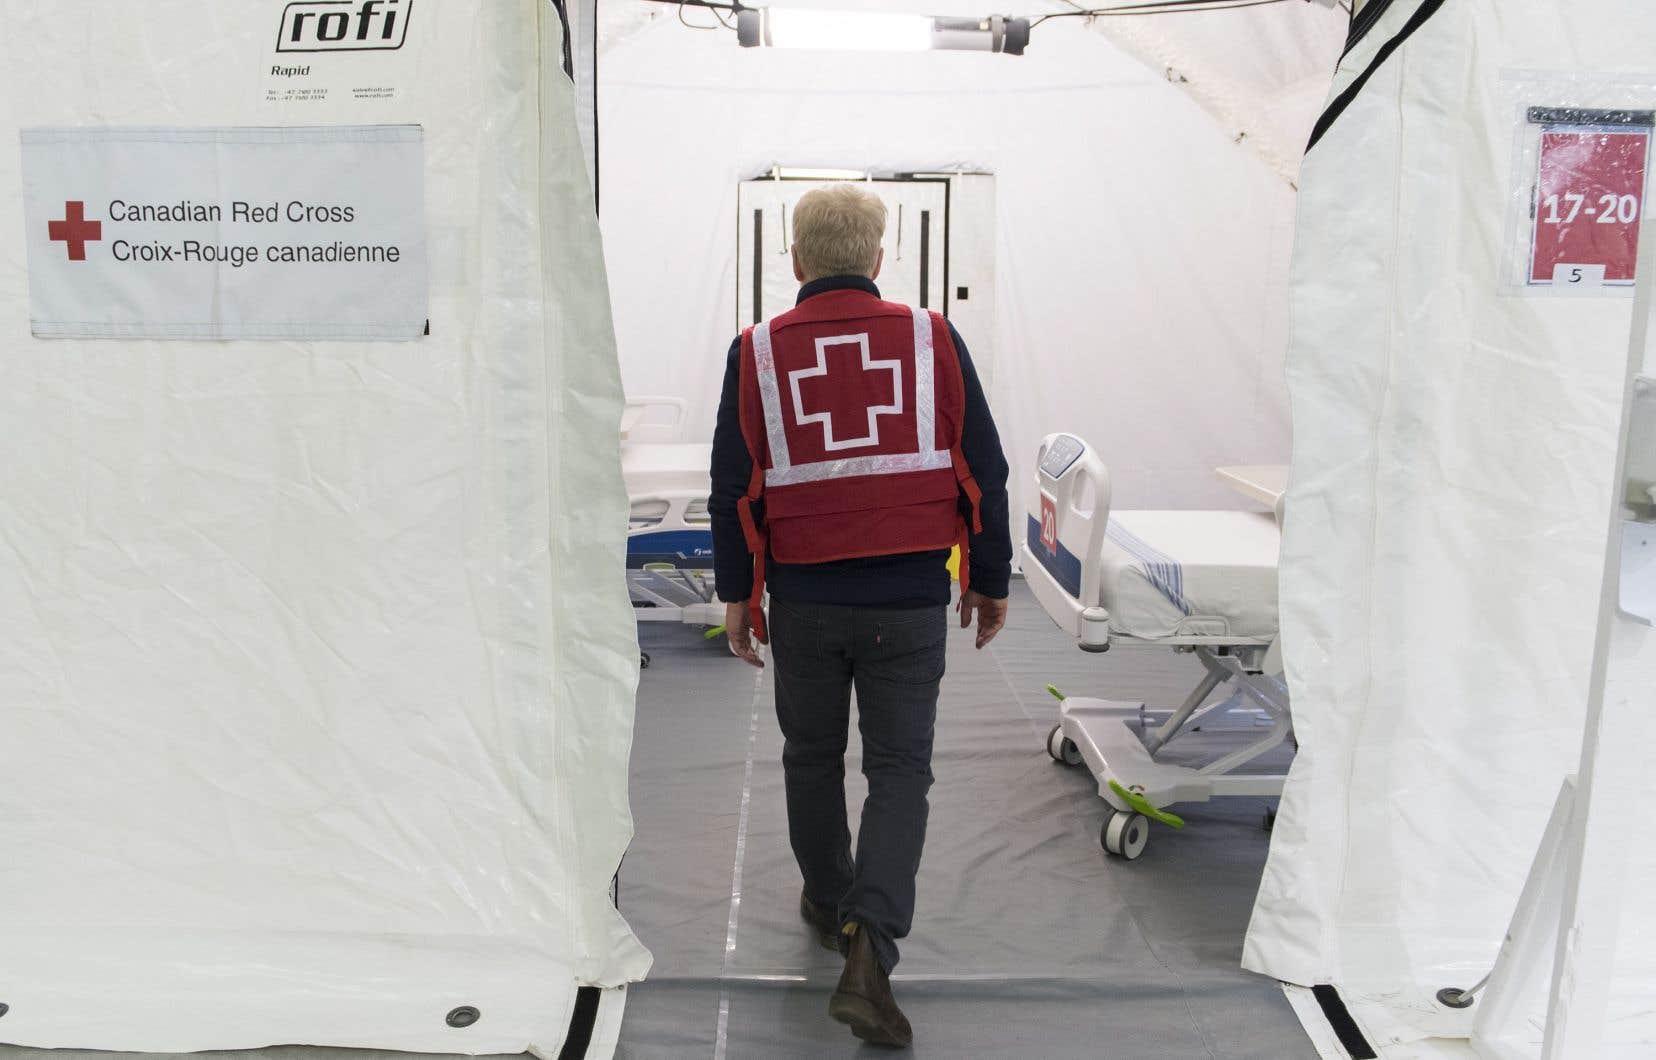 La Croix-Rouge se dit prête à bonifier de nouveau son aide si les cas de COVID-19 continuent d'augmenter et que les centres de soins de longue durée se retrouvent aux prises avec une nouvelle crise.